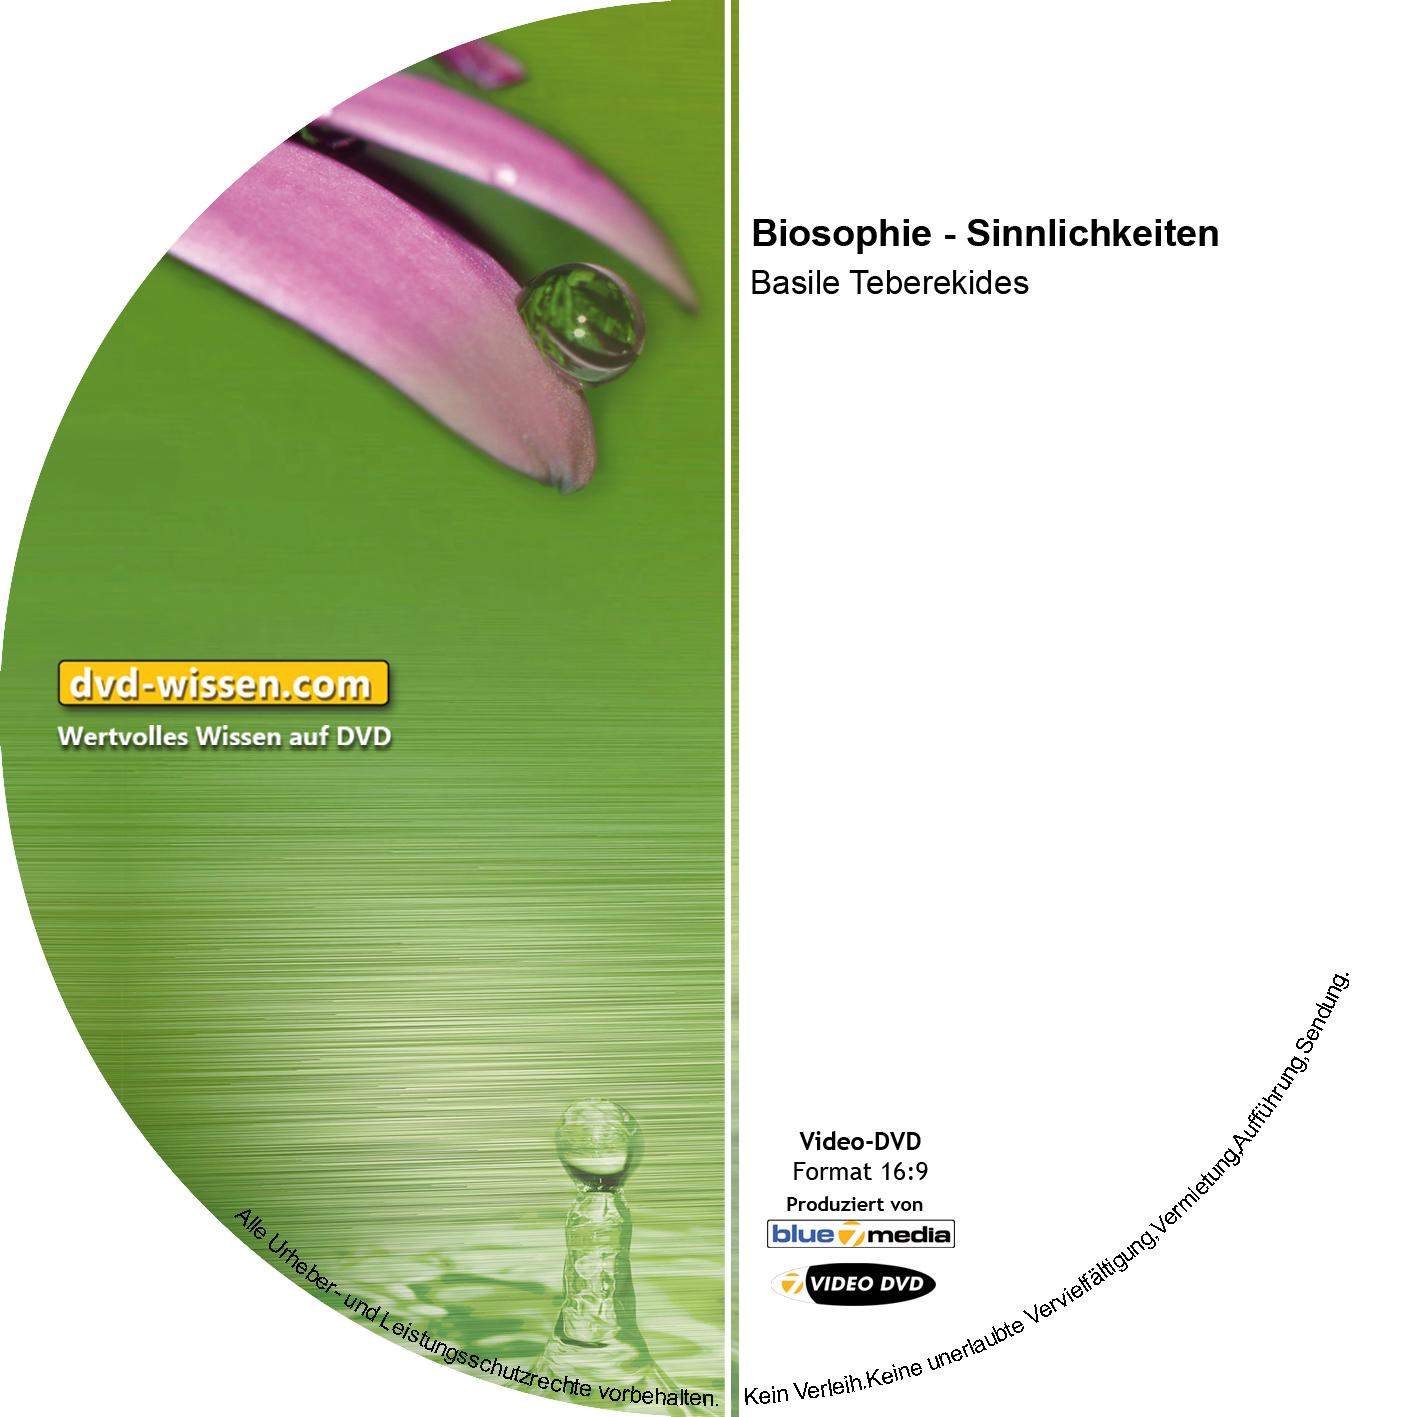 Basile Teberekides: Biosophie - Sinnlichkeiten